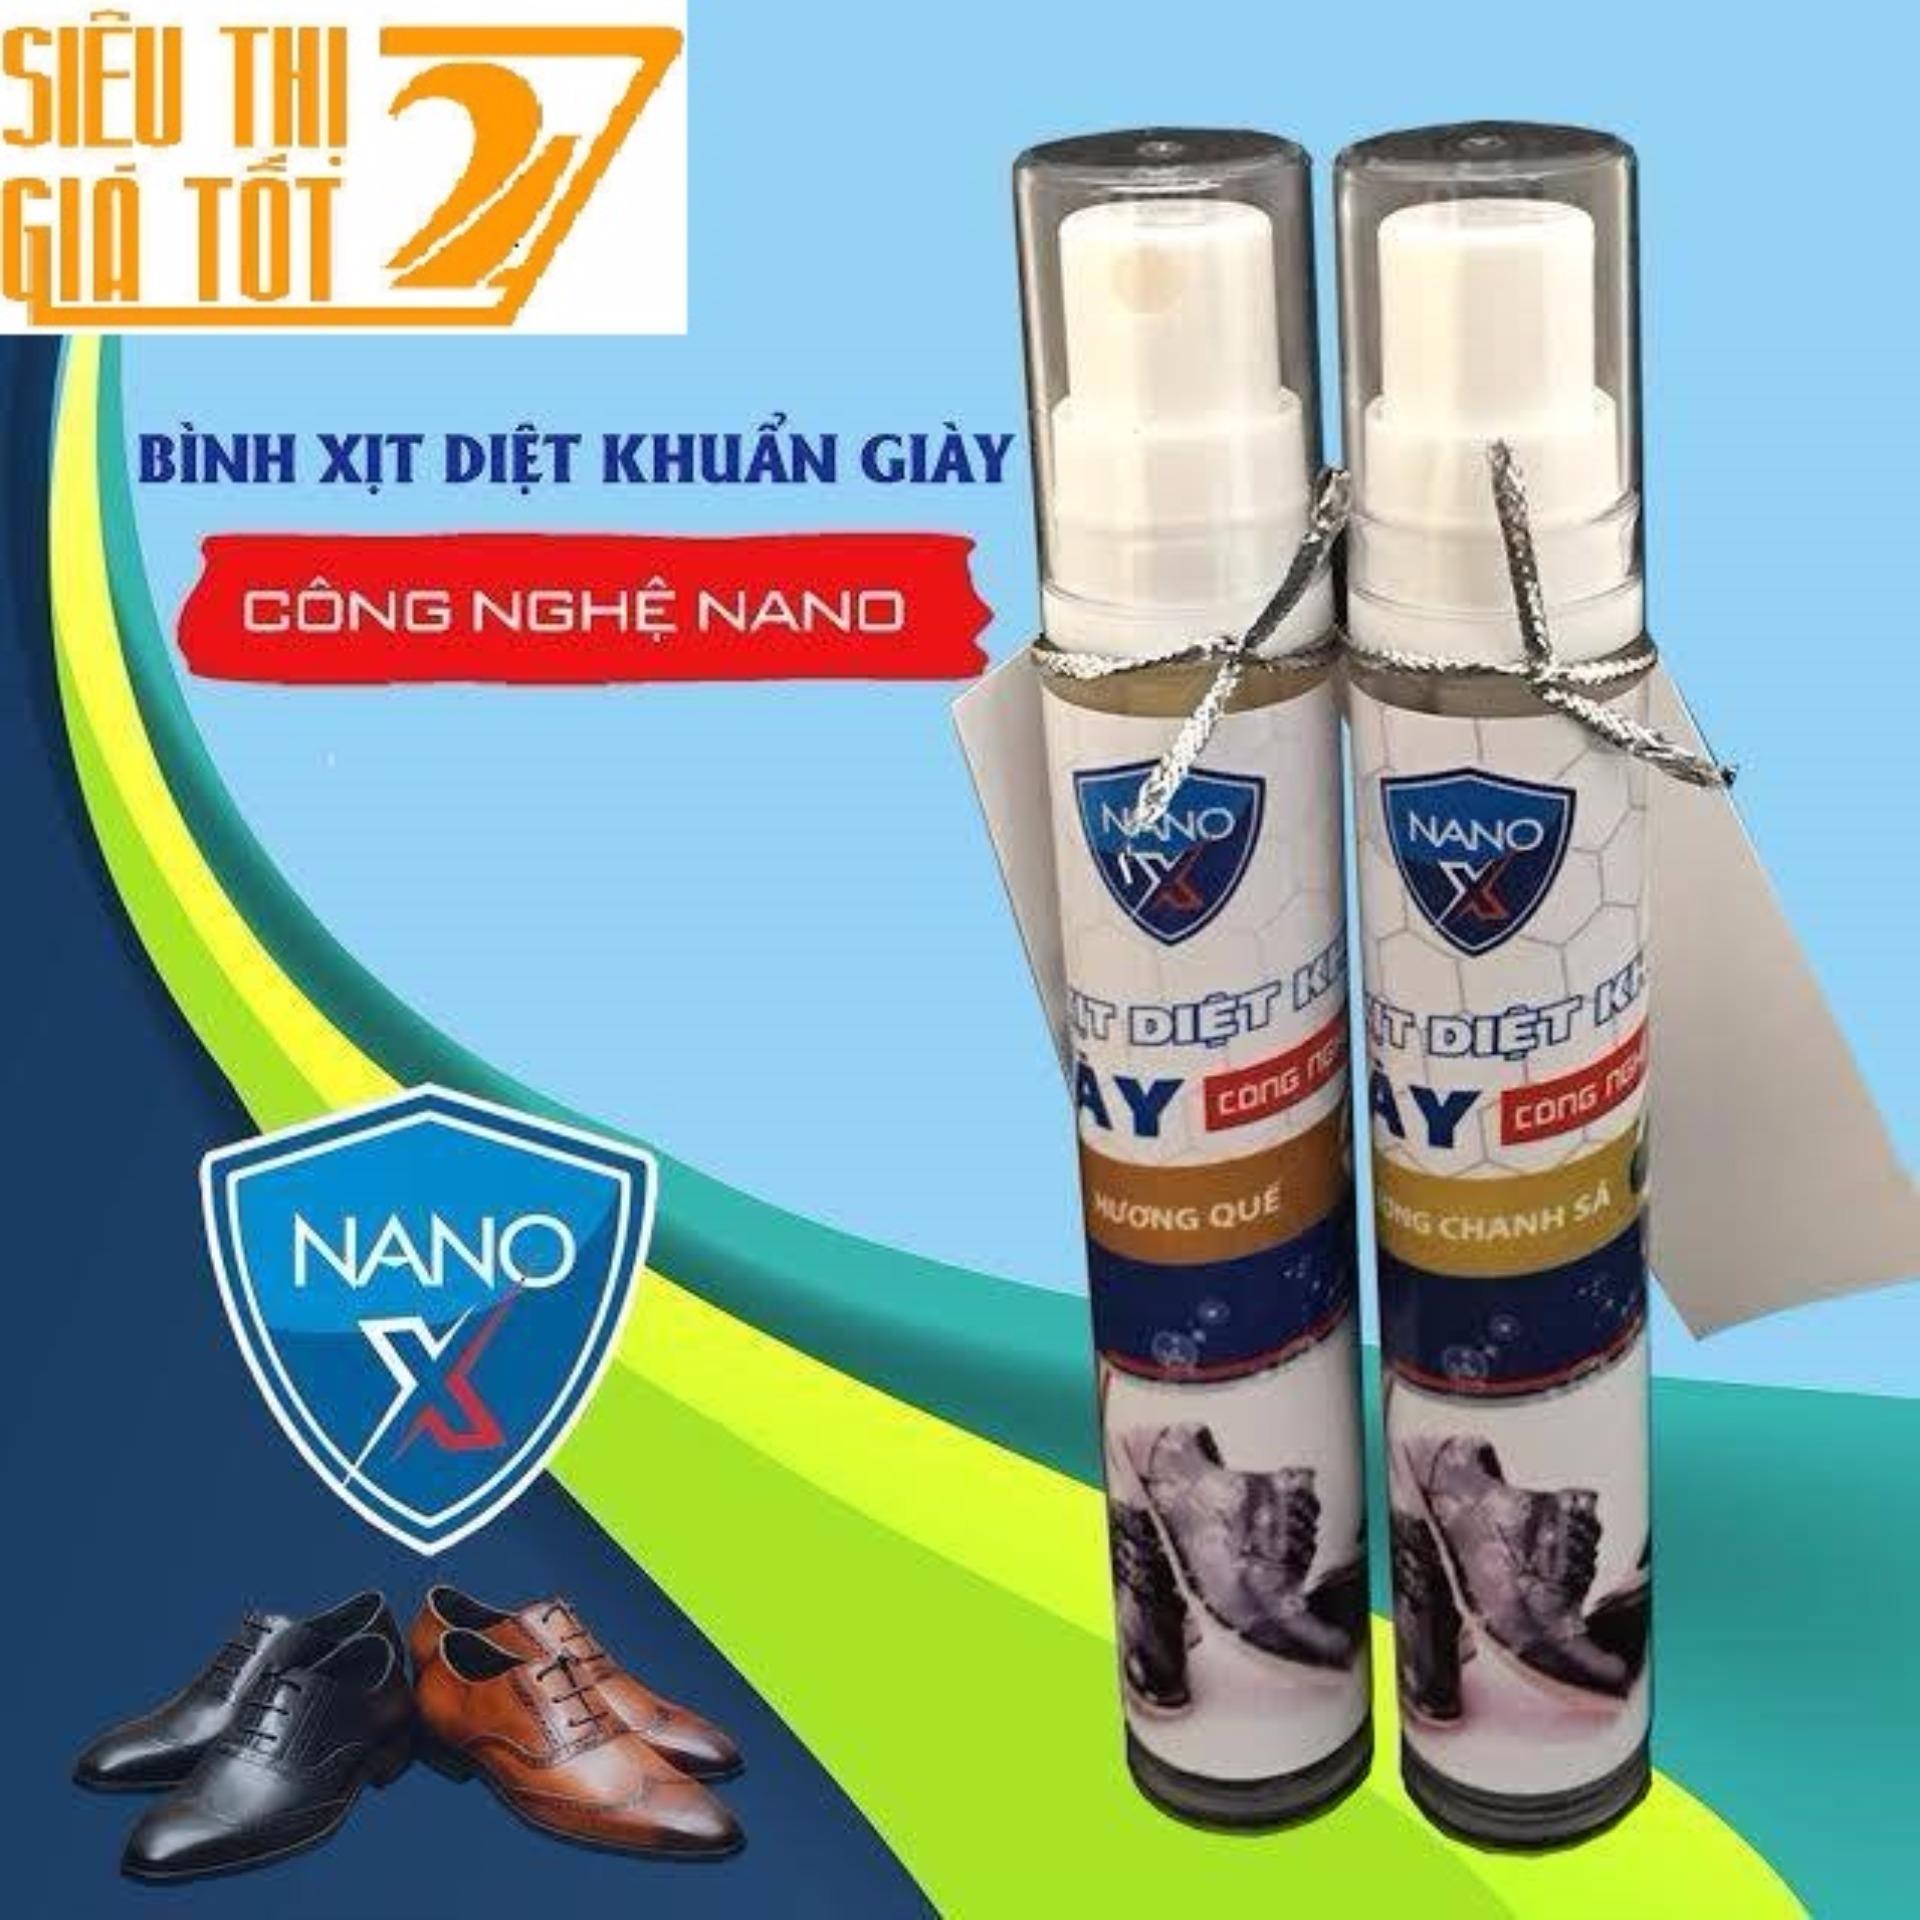 Mẫu sản phẩm Bình Xịt Diệt Khuẩn Khử Mùi Giày Nano – X 24/24 ( Hương Quế)